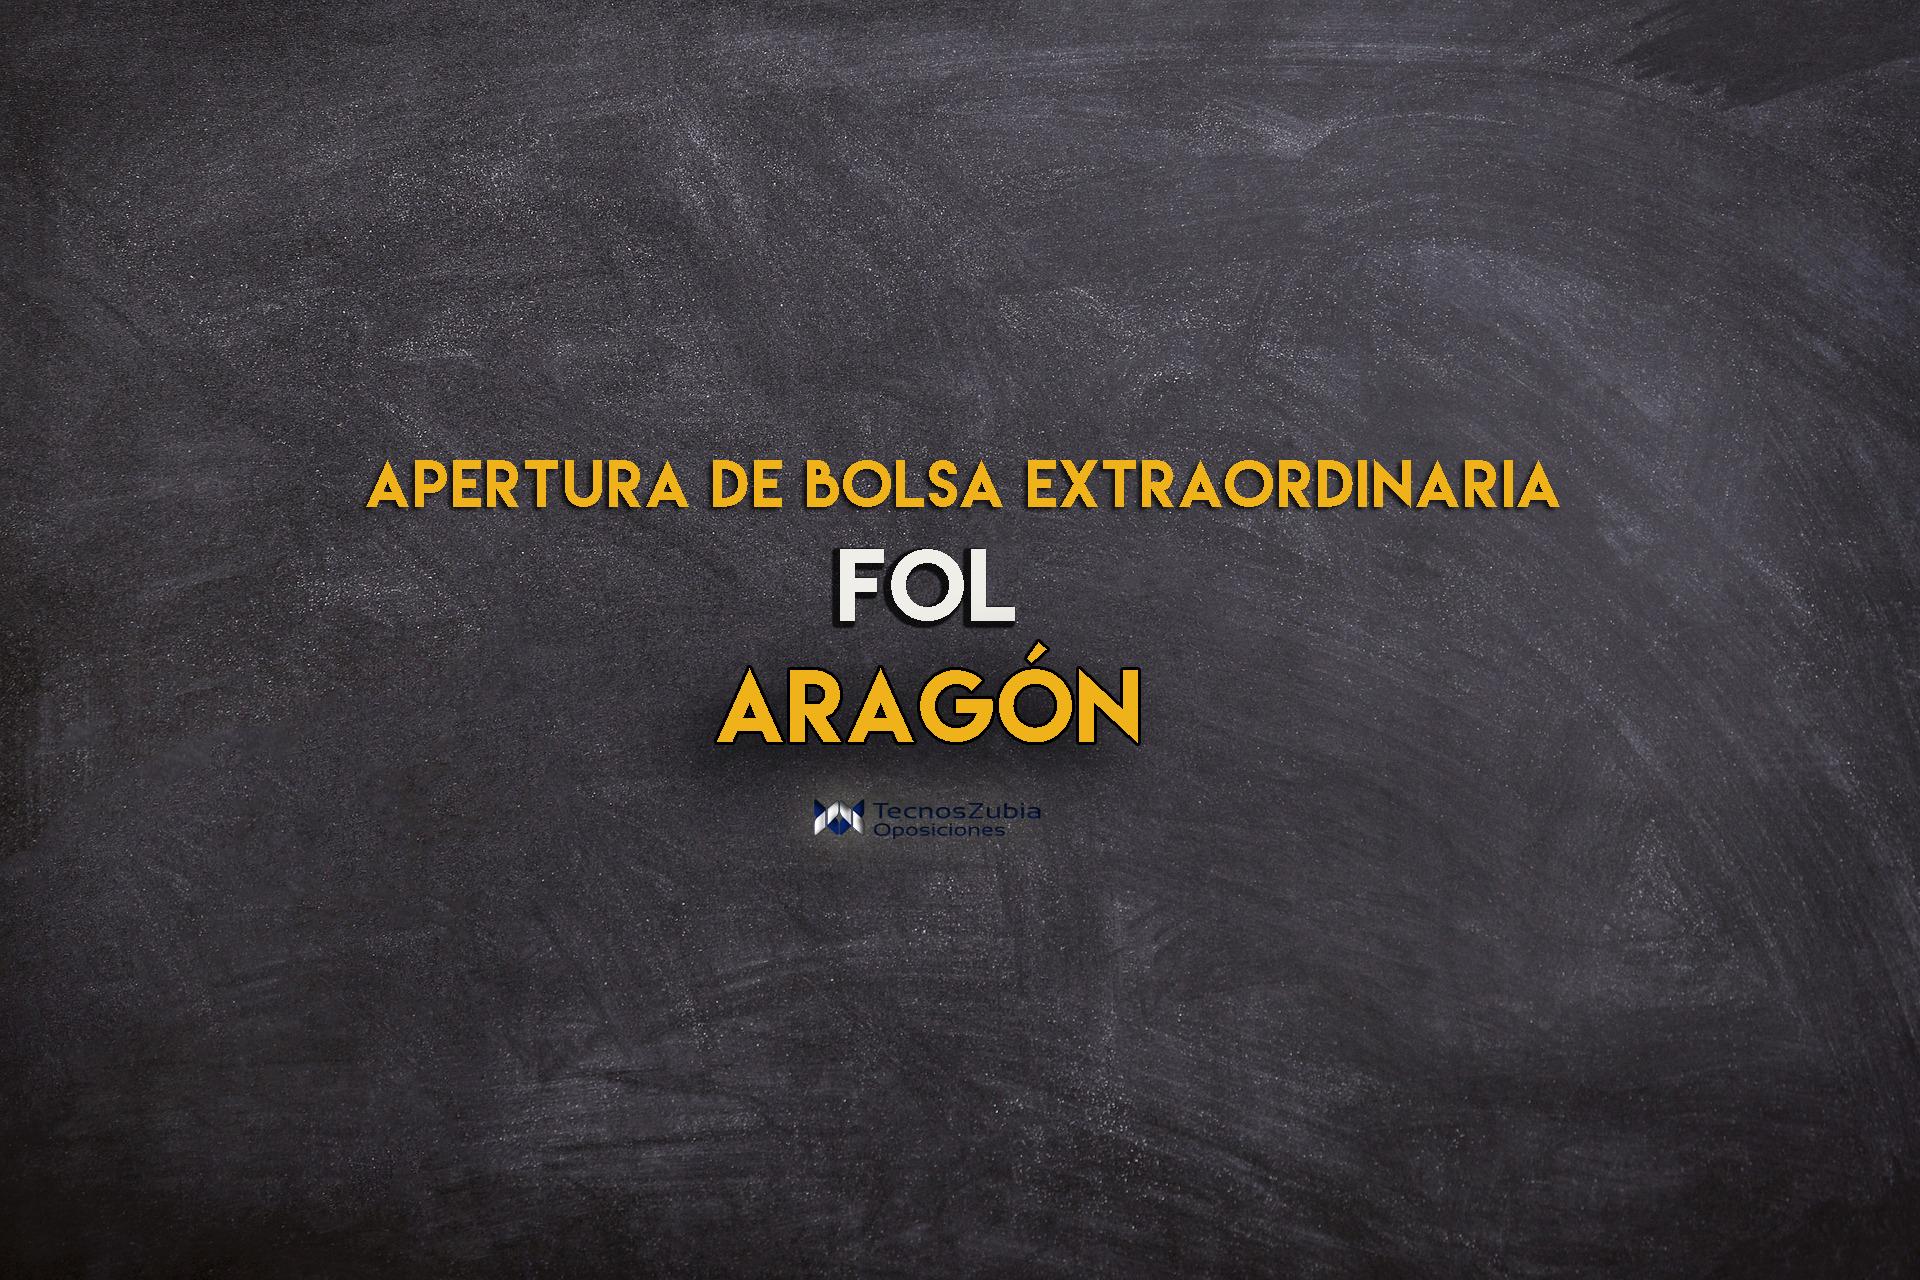 Apertura de bolsa extraordinaria de FOL (Formación y Orientación Laboral) en Aragón